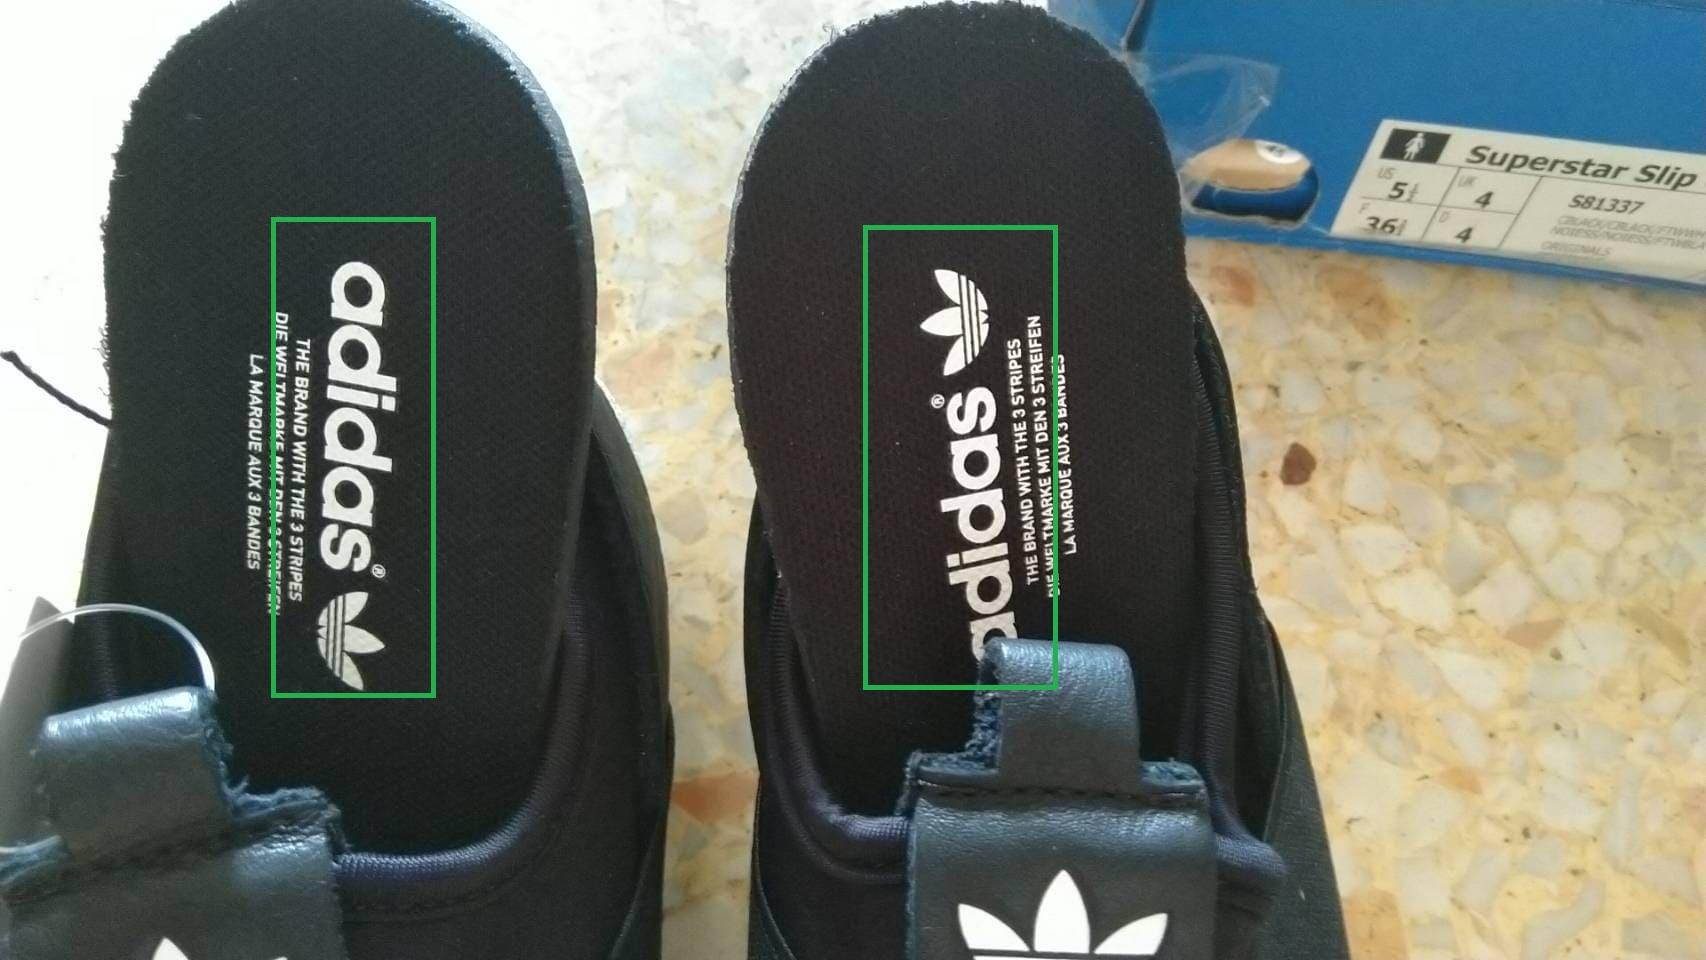 วิธีง่ายๆ เช็ค Adidas Superstar Slip-On ของแท้จาก แผ่นรองเท้า ทั้งสองข้าง